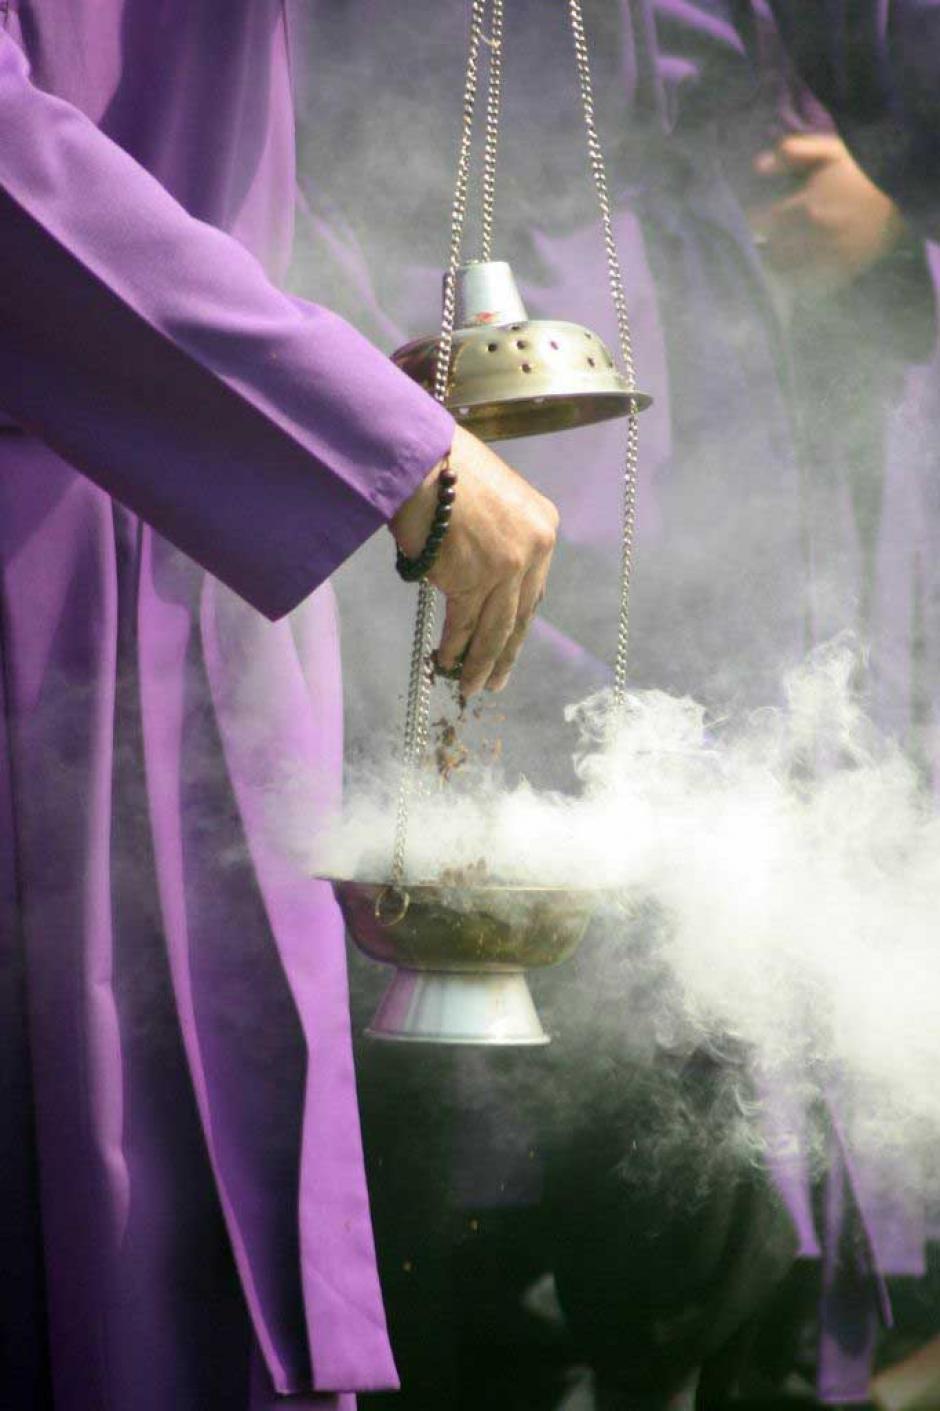 El incienso es un elemento esencial en cada cortejo procesional.(Foto: Raúl Illescas/Especial para Soy502)